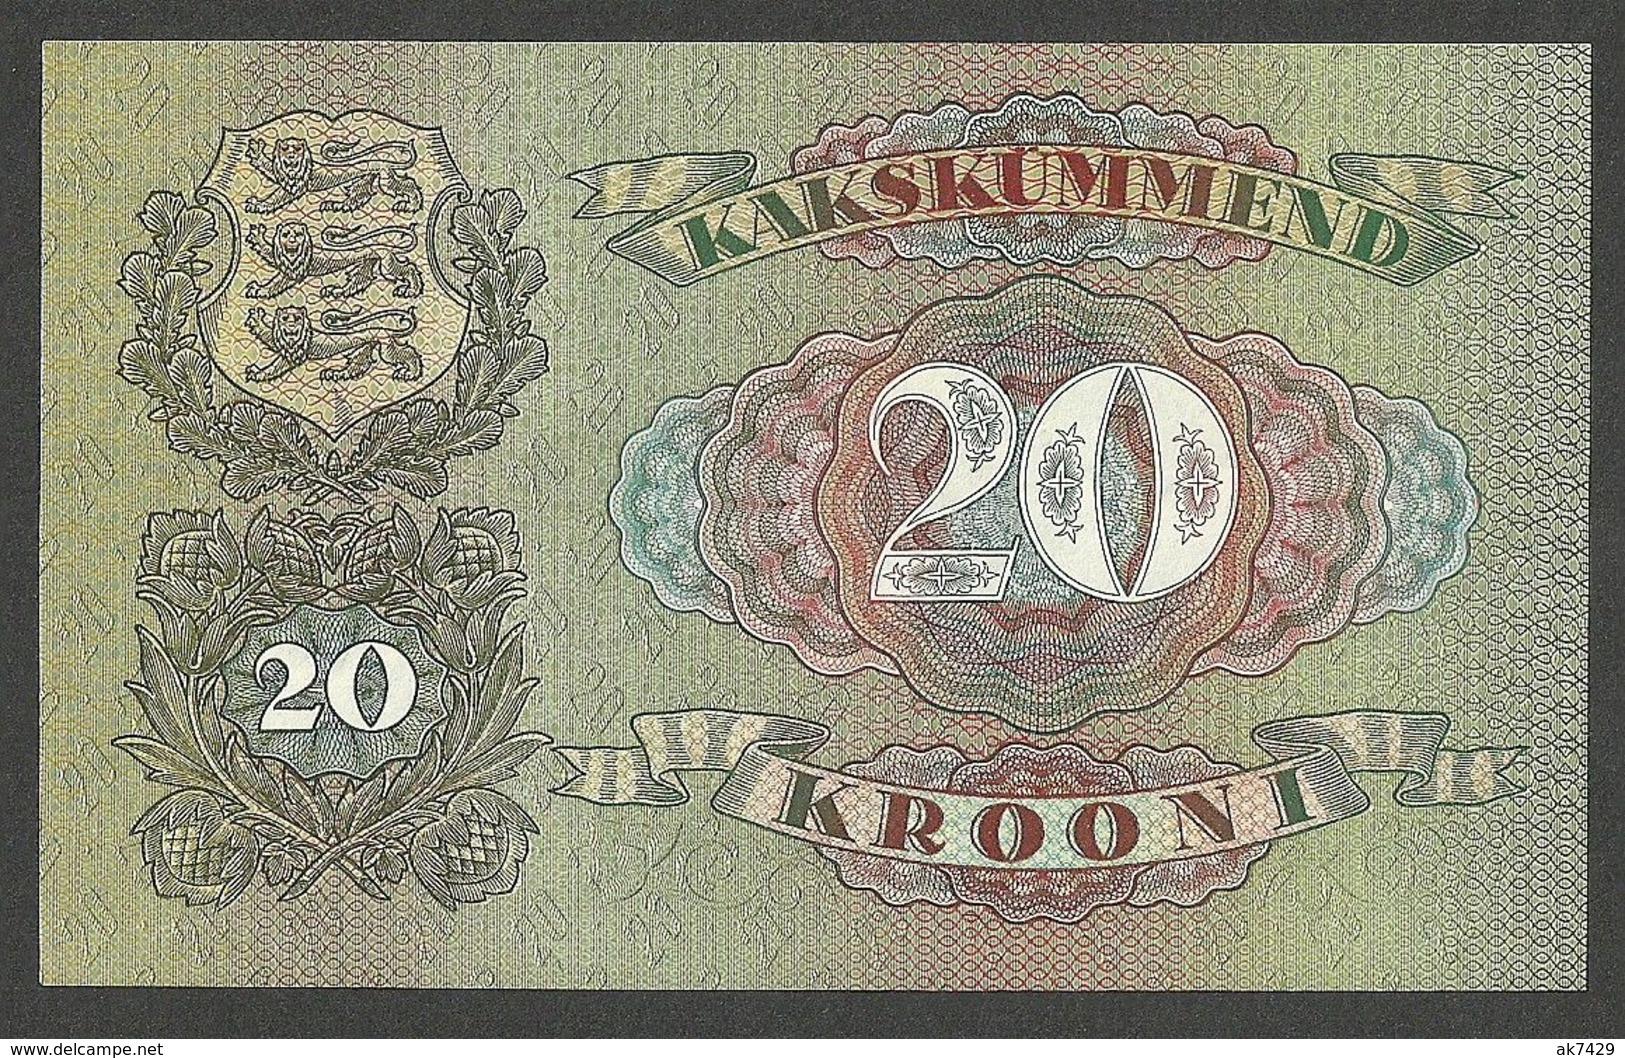 BOSNIA HERZEGOVINA 10 DINARA ND 1998 P 64 UNC